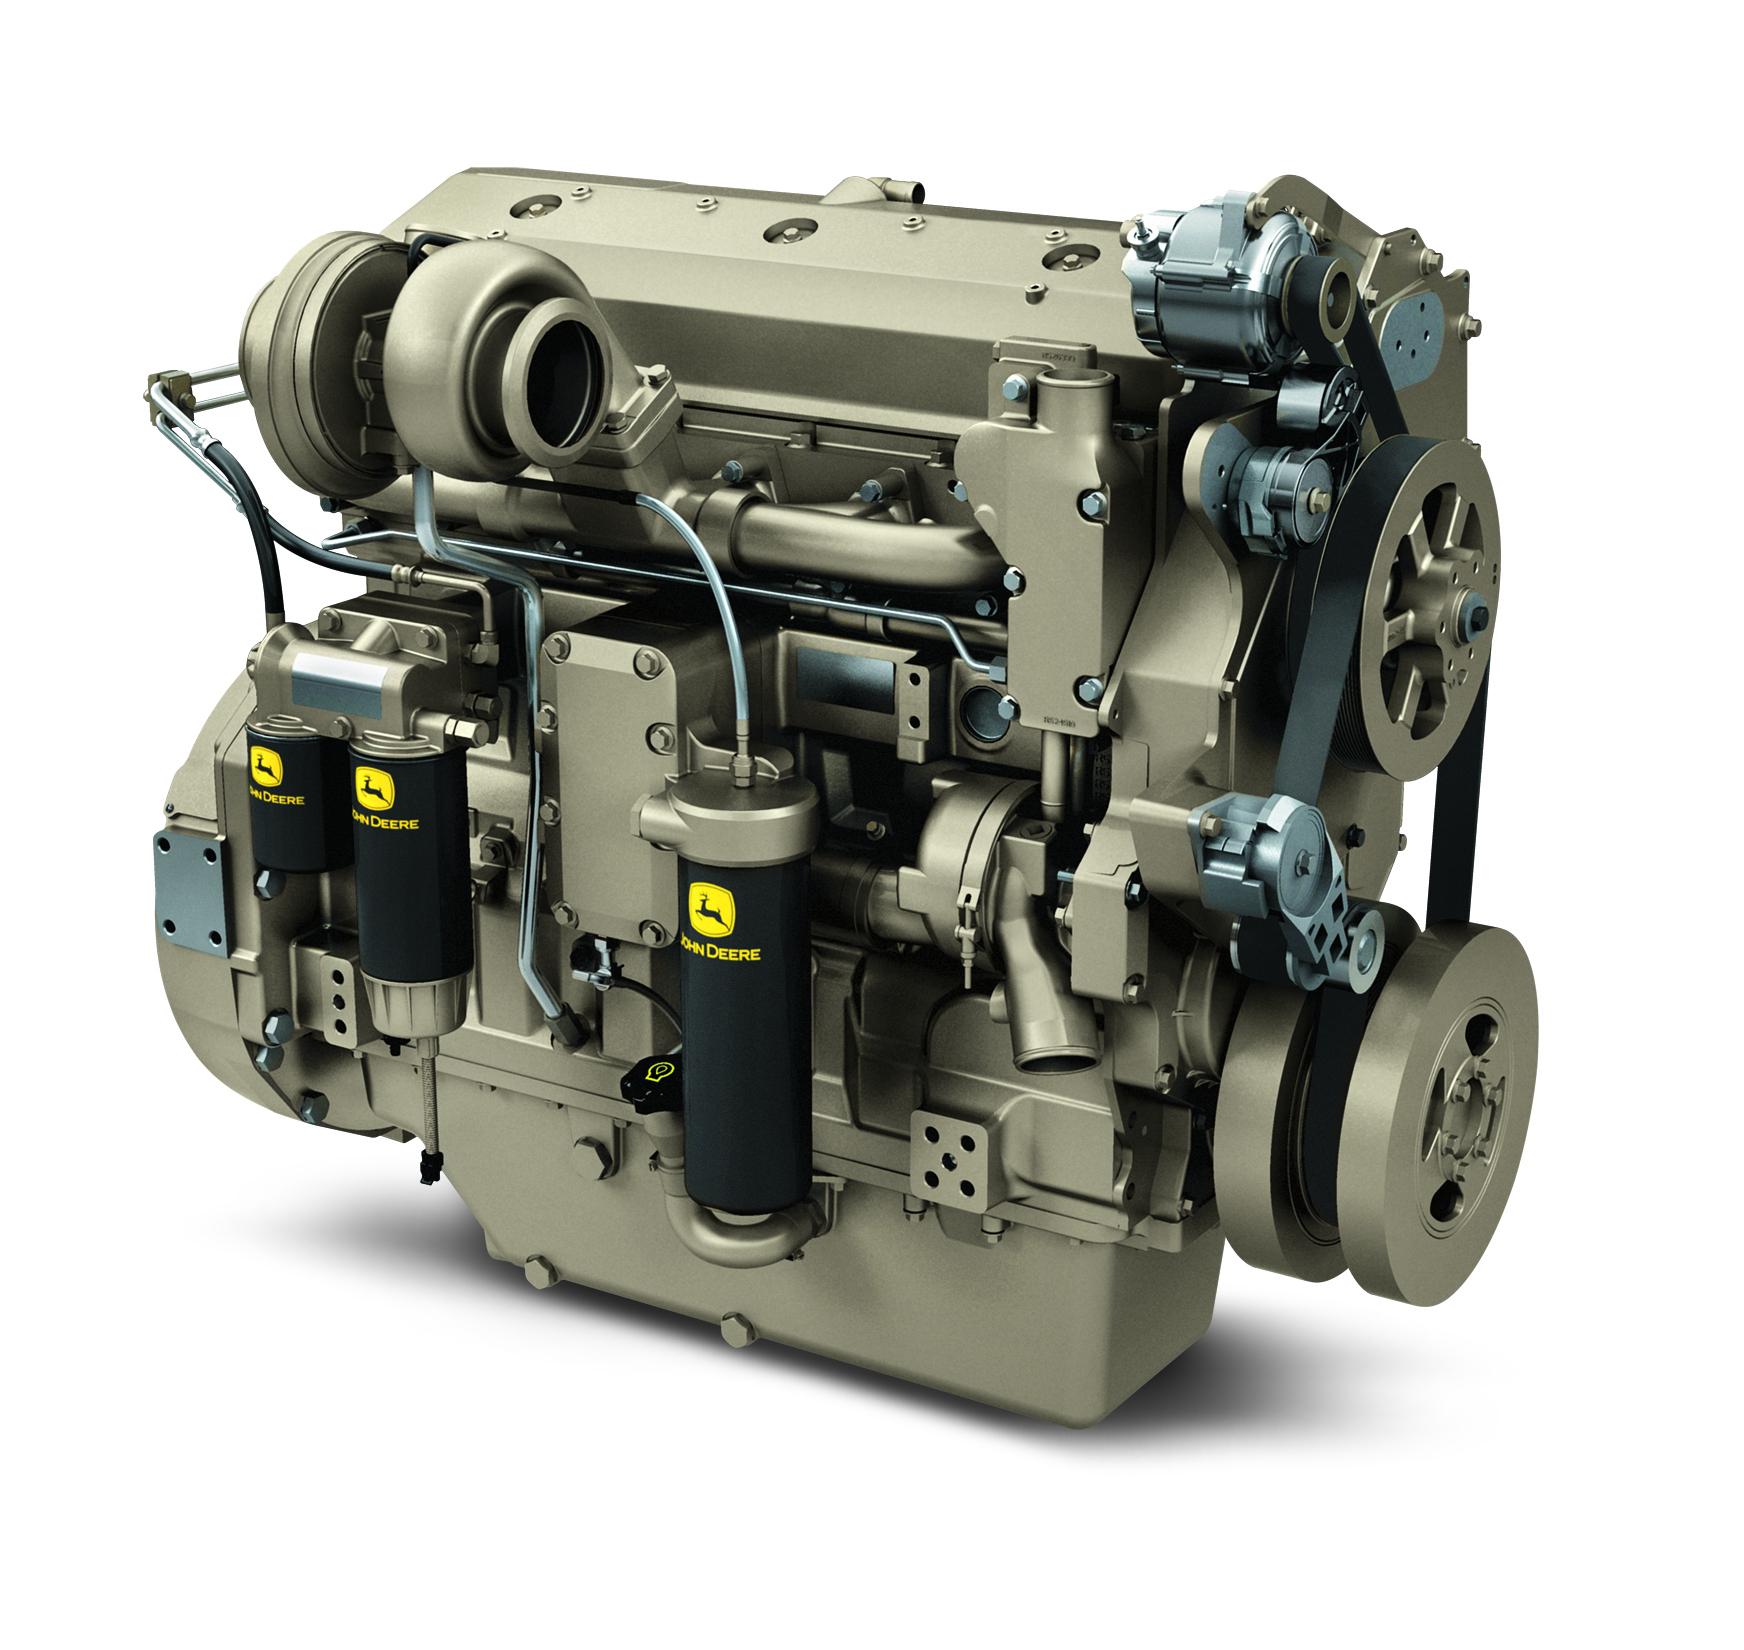 ... of the Week – John Deere 13.5L generator drive diesel engines